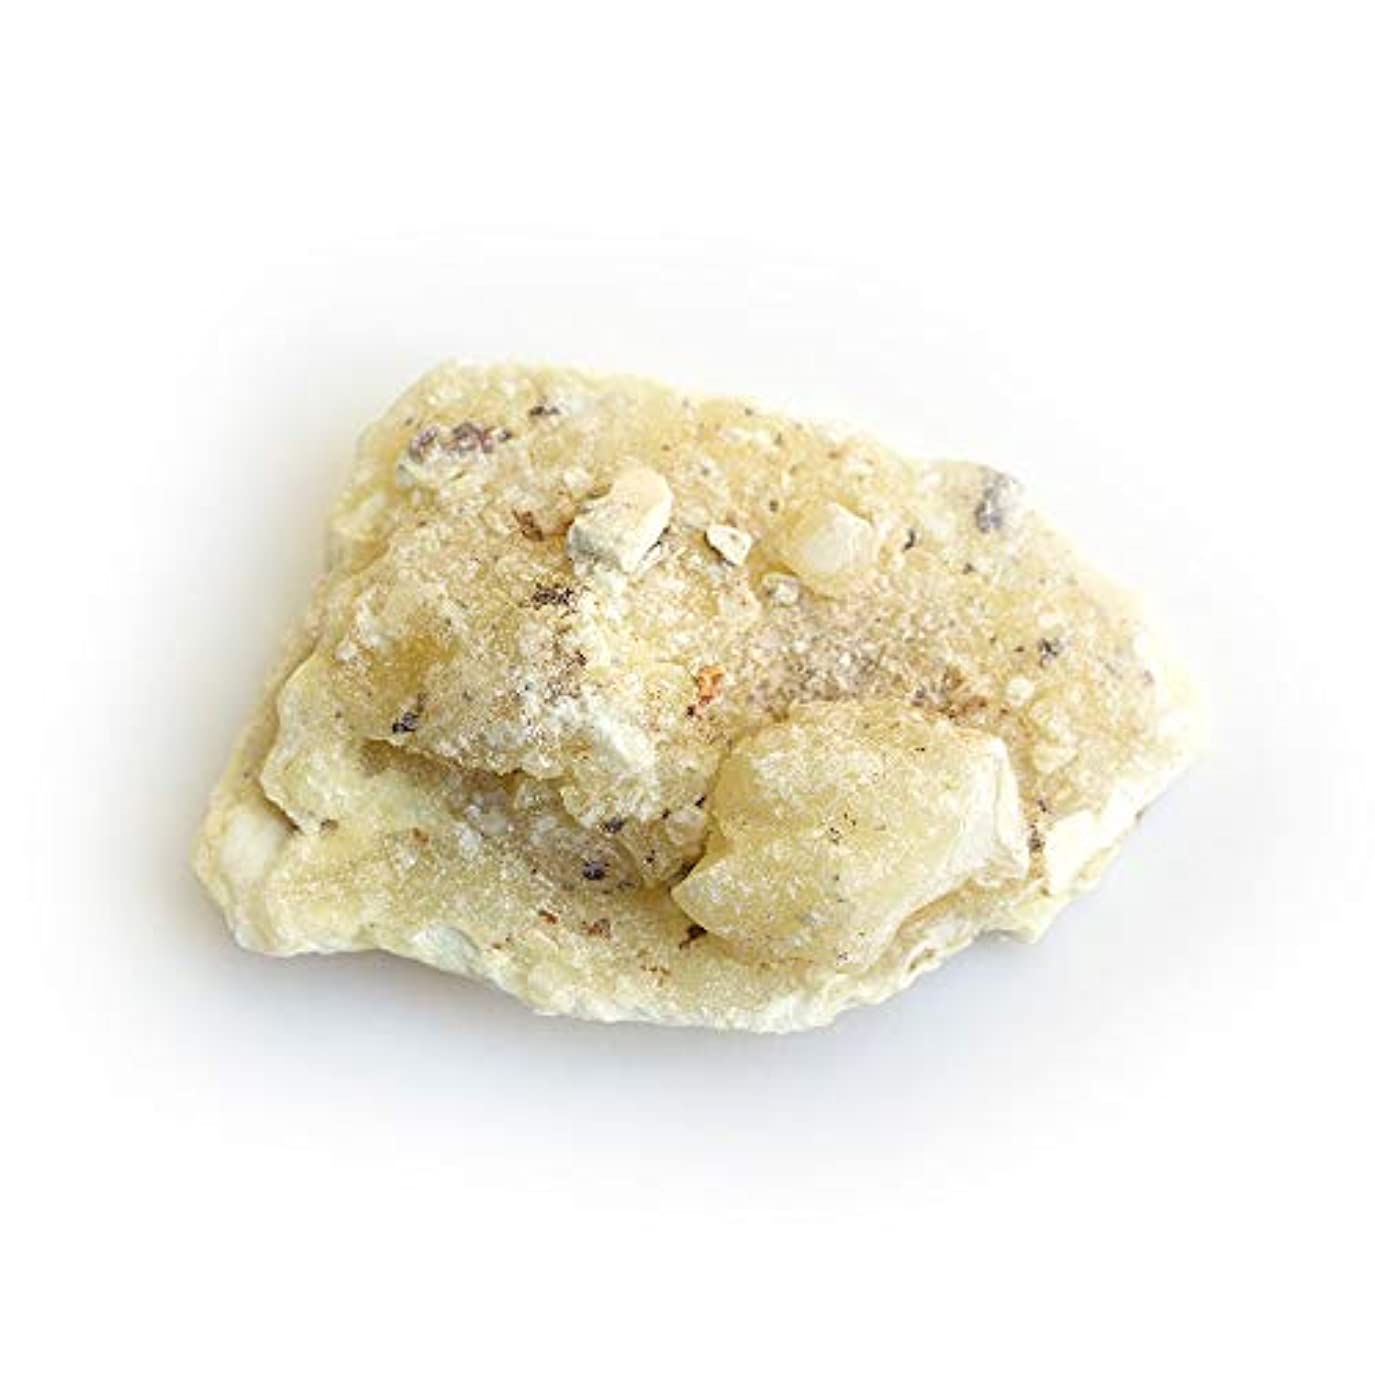 答えスクリーチ抗議Mynagold 有機ホワイトコーパル 聖なるお香 樹脂 45G (1.5オンス)